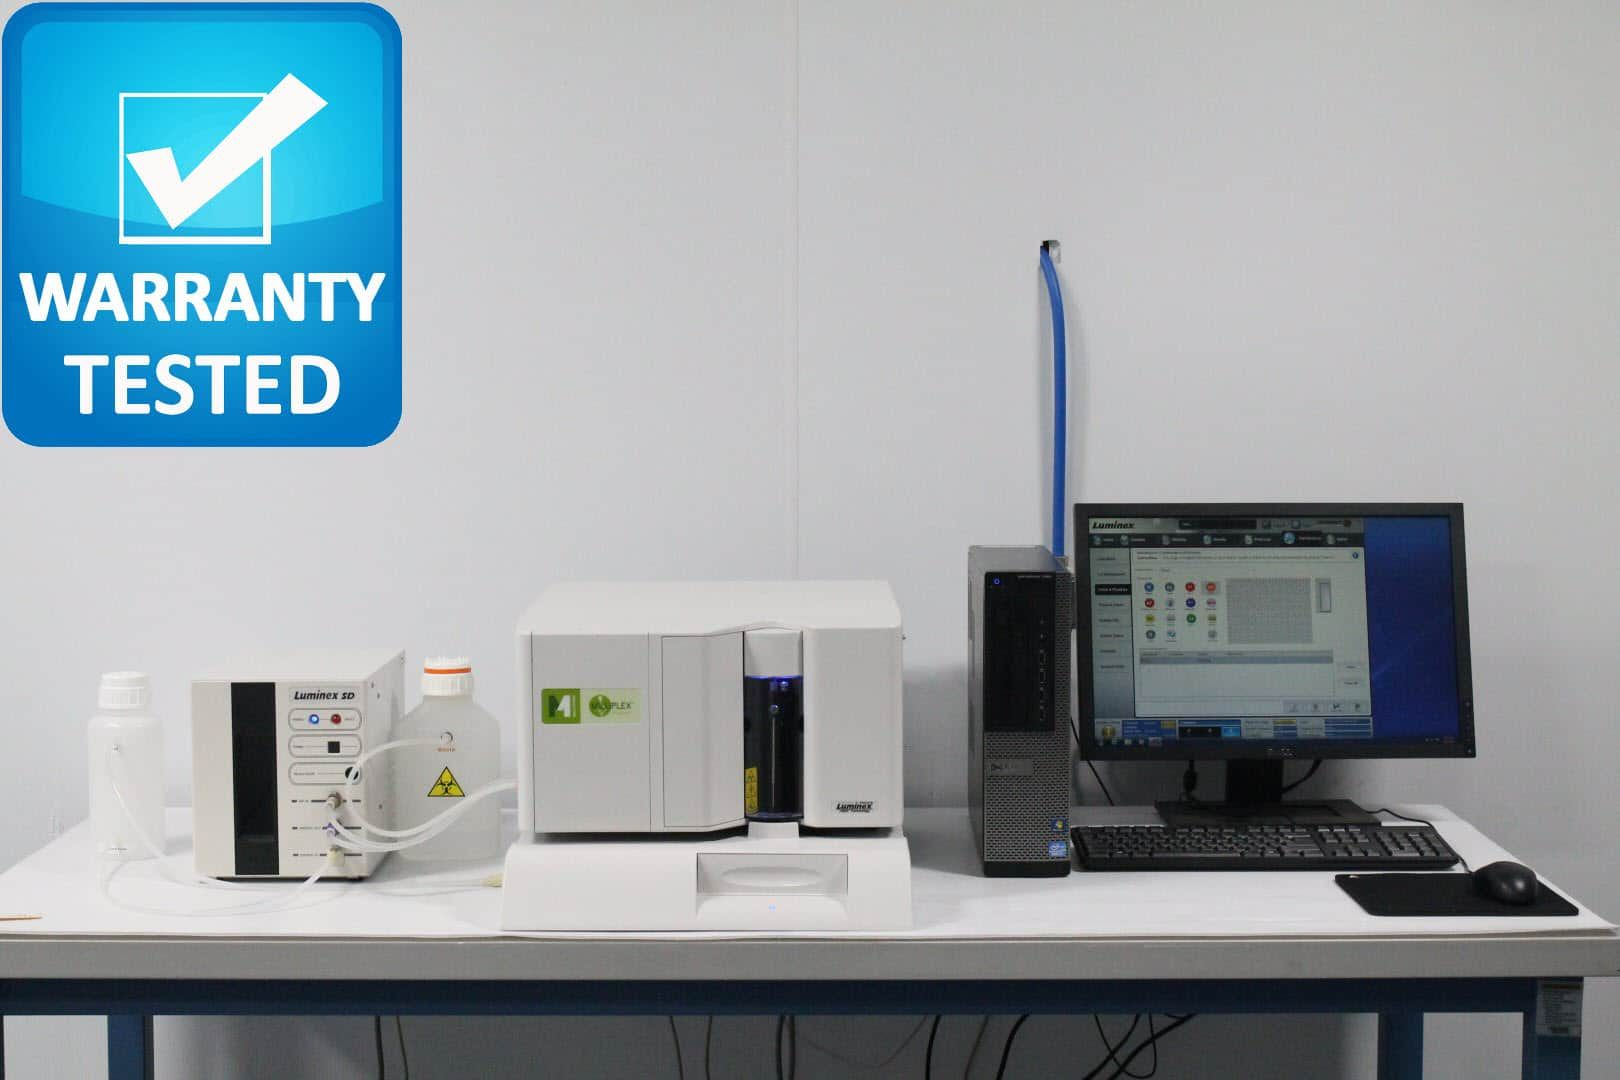 Milliplex Luminex 200 Suspension Array Analyzer Made 2016